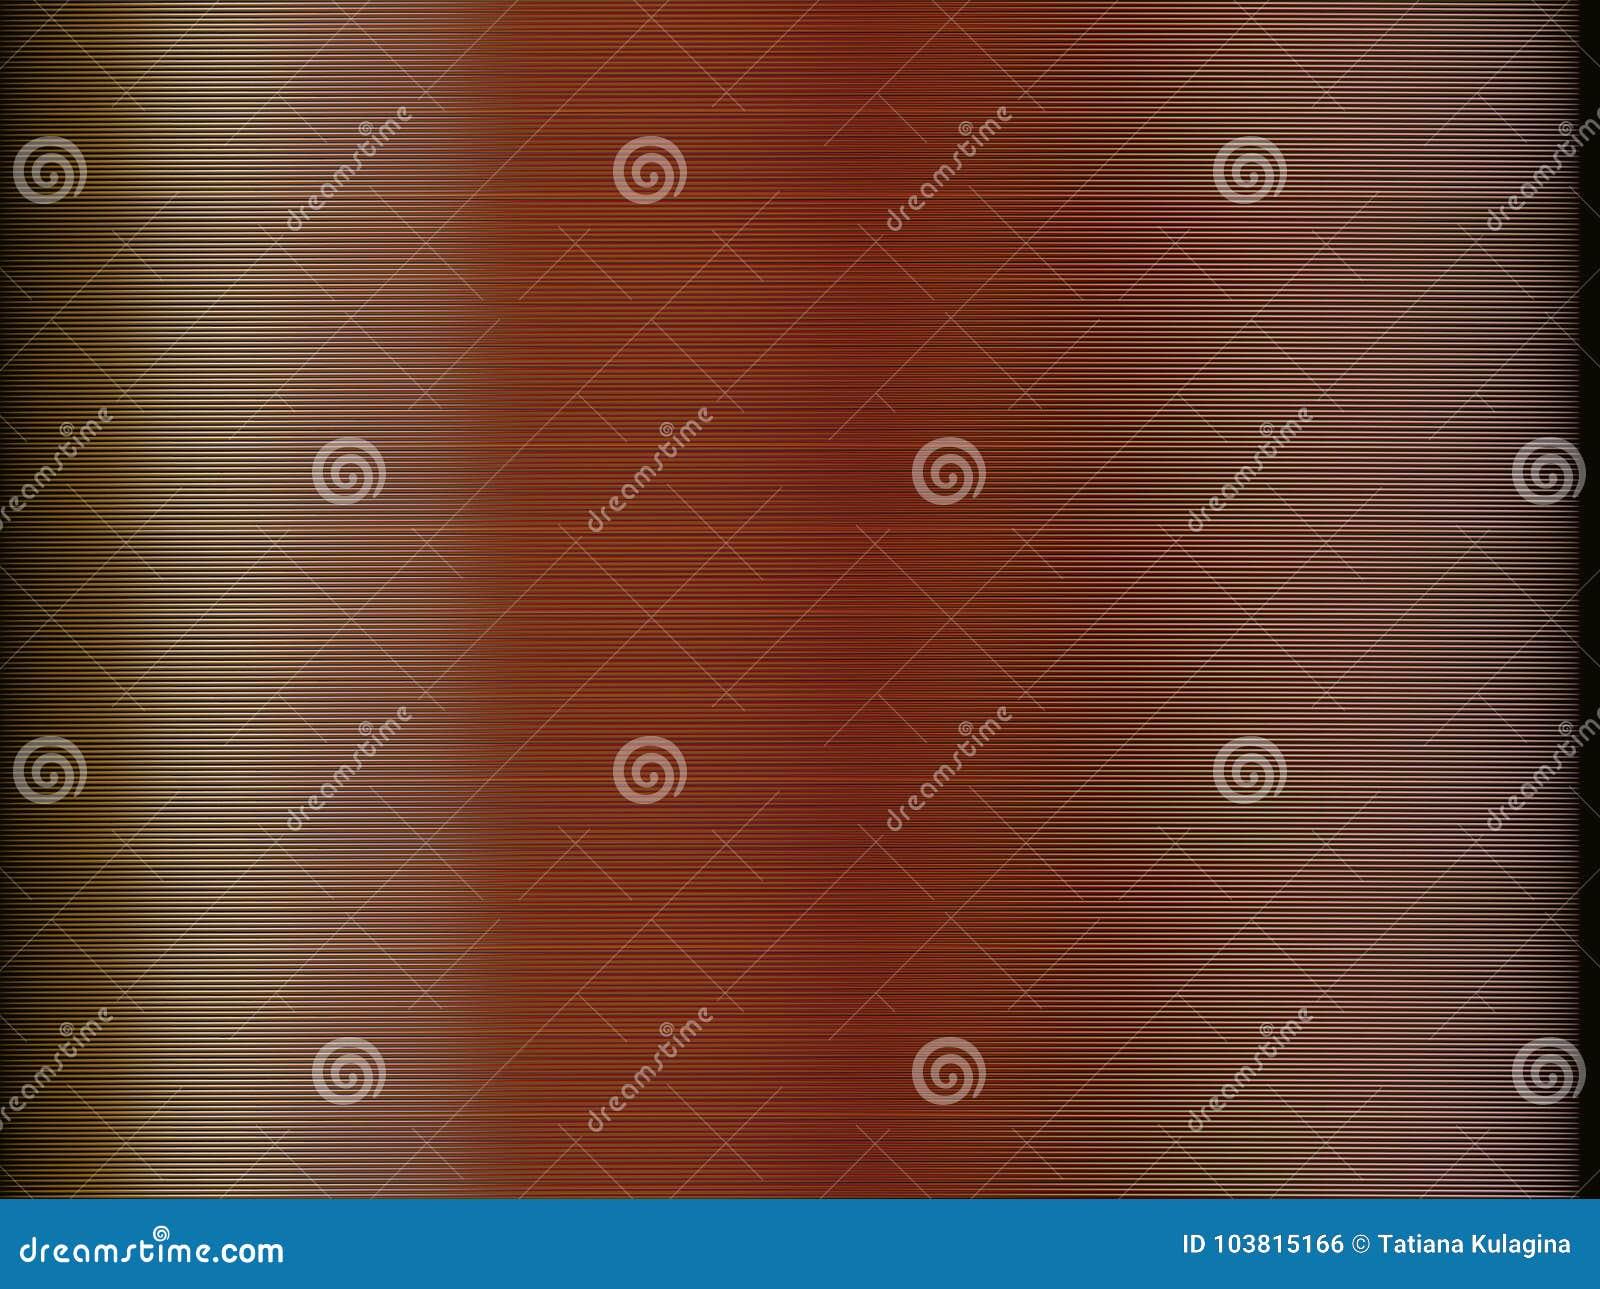 Fondo Abstracto Del Color Marron Stock De Ilustracion - El-color-marron